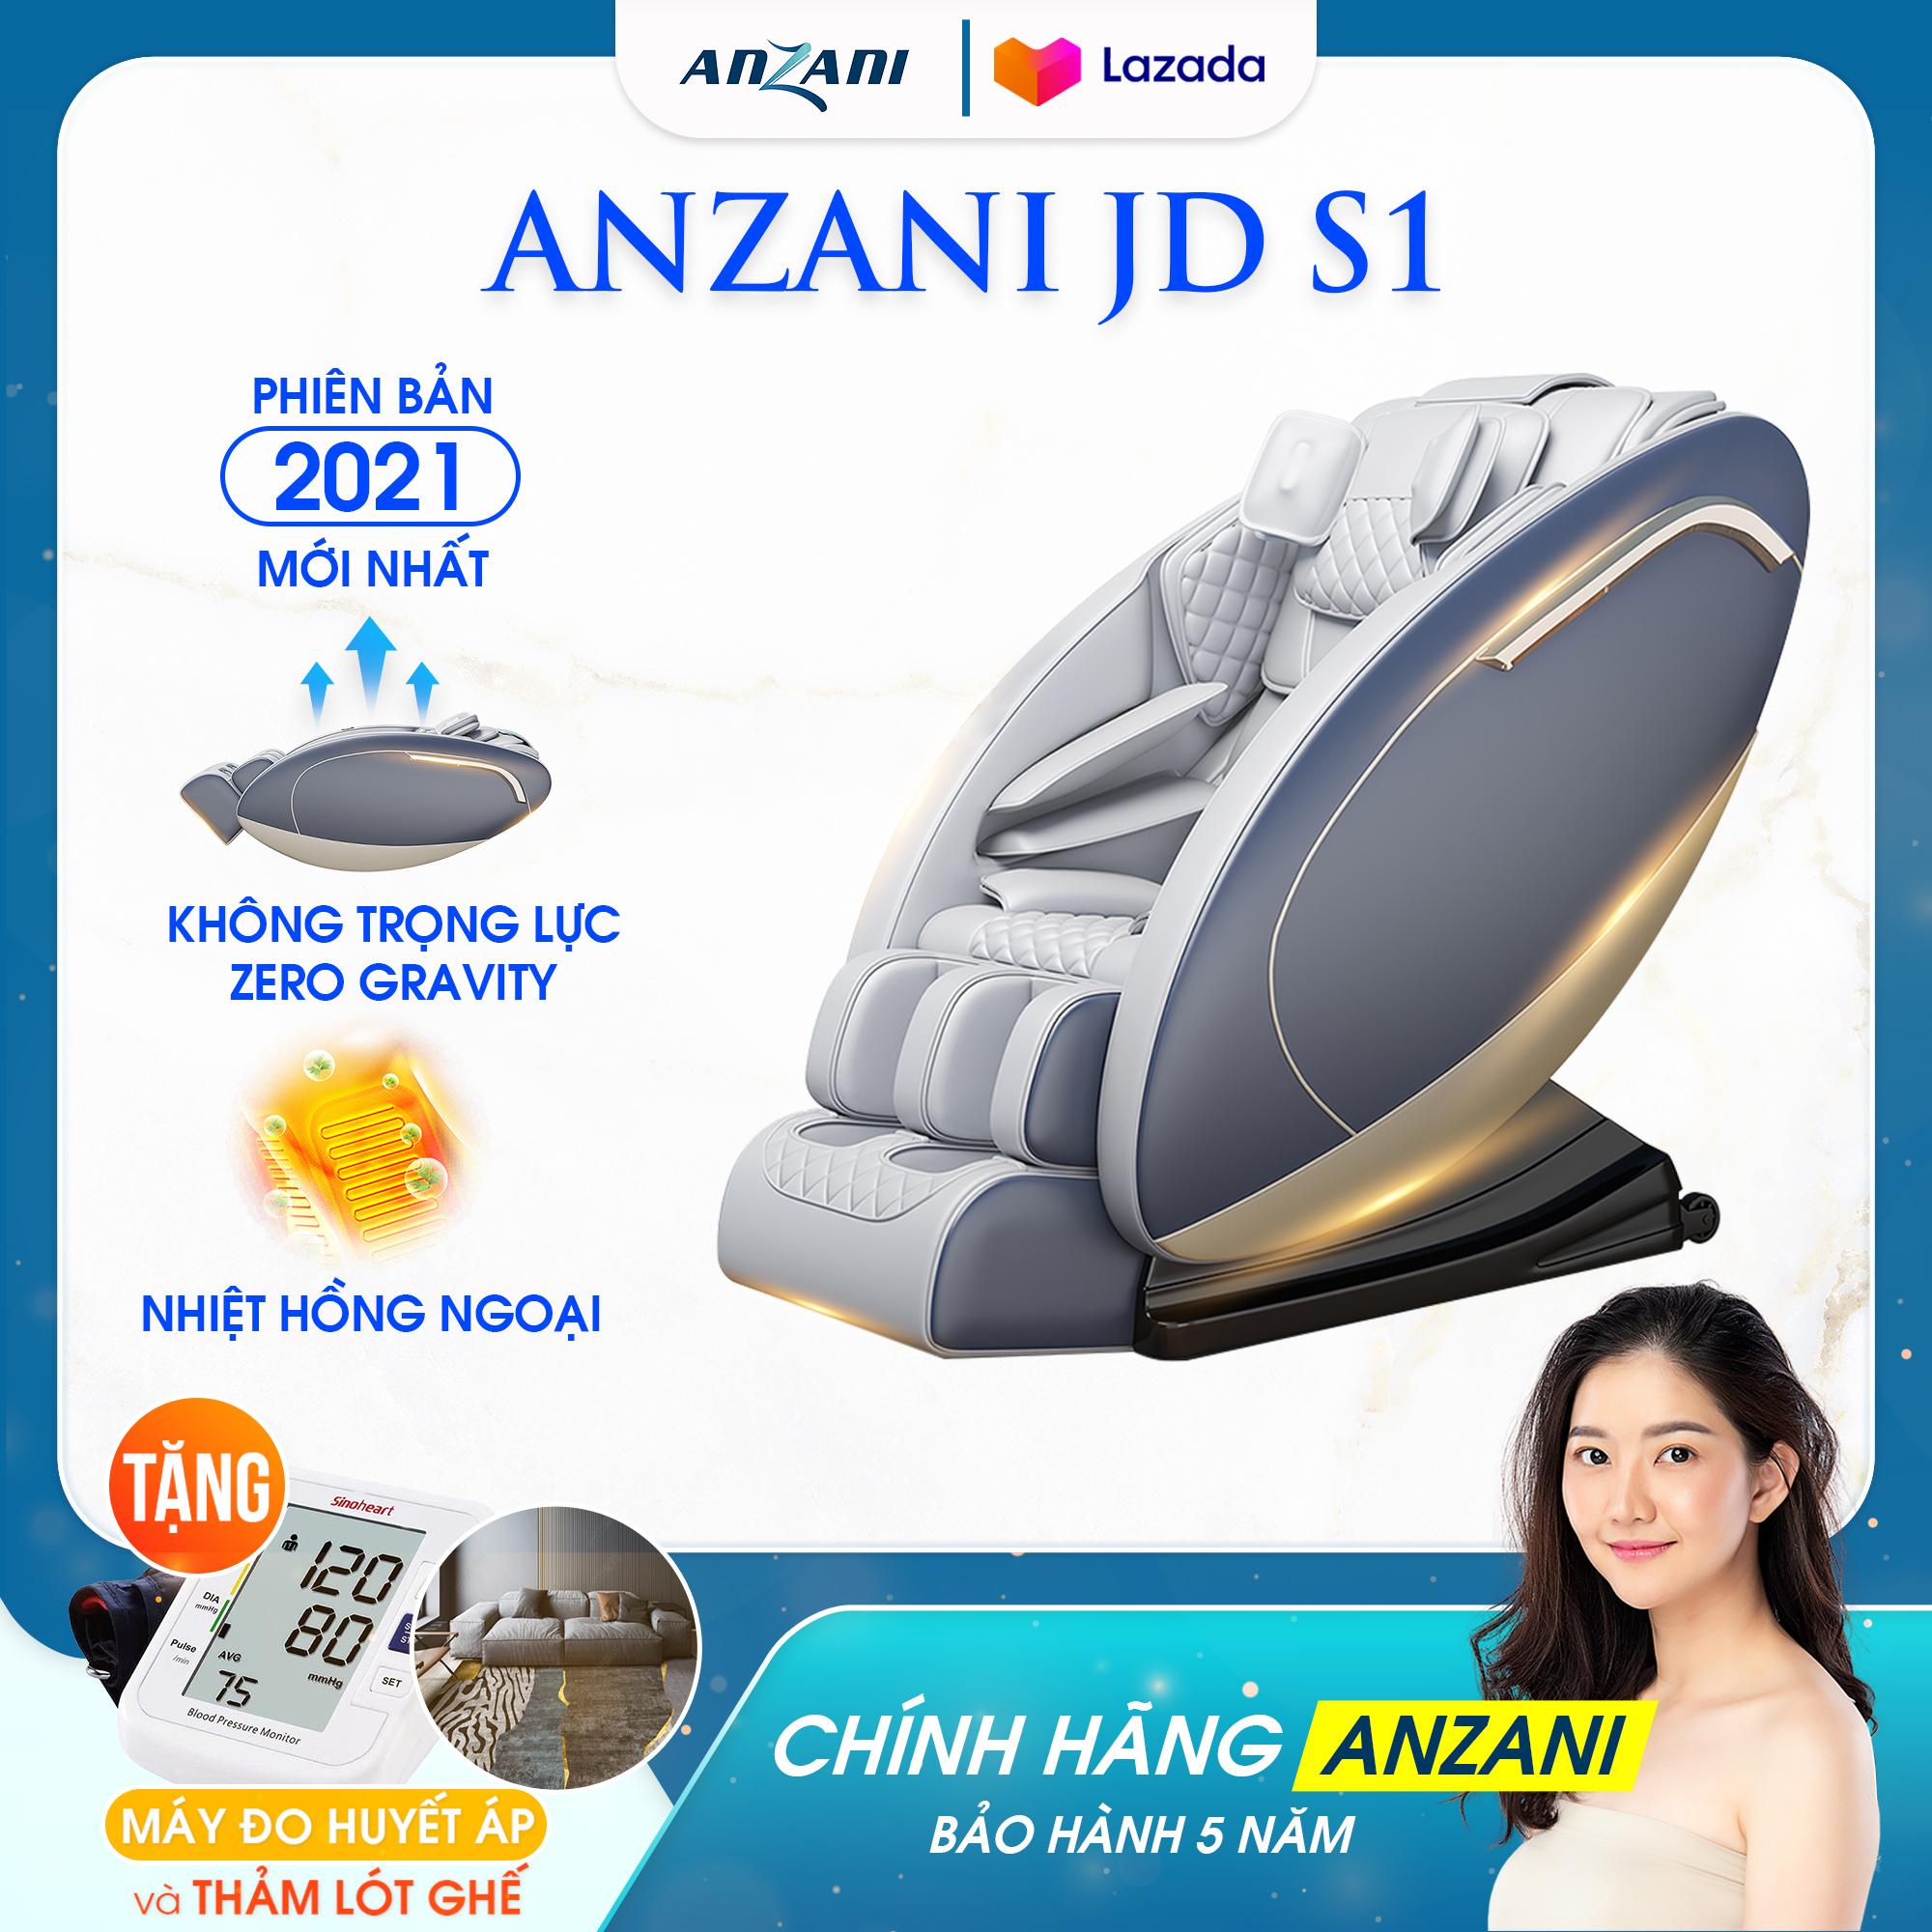 Ghế massage Anzani JD S1 mát xa toàn thân 12 túi khí với chế độ nhiệt hồng ngoại và công nghệ không trọng lực